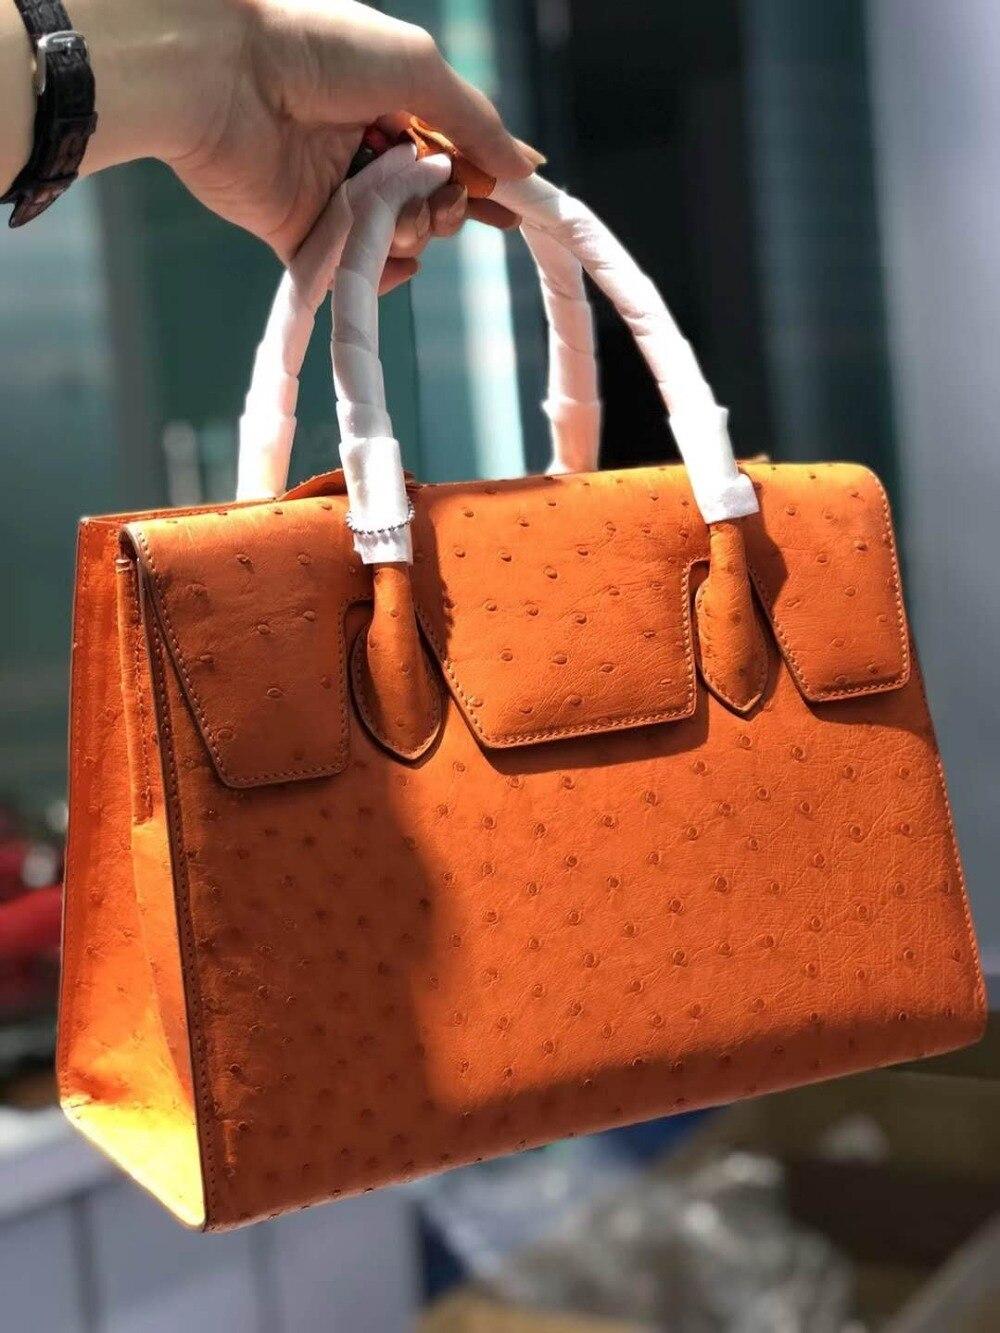 100% genuino reale della pelle di struzzo delle donne del sacchetto di tote di livello superiore di alta qualità pieno fiore pelle di Struzzo delle donne tote borsa di orange viola rosa